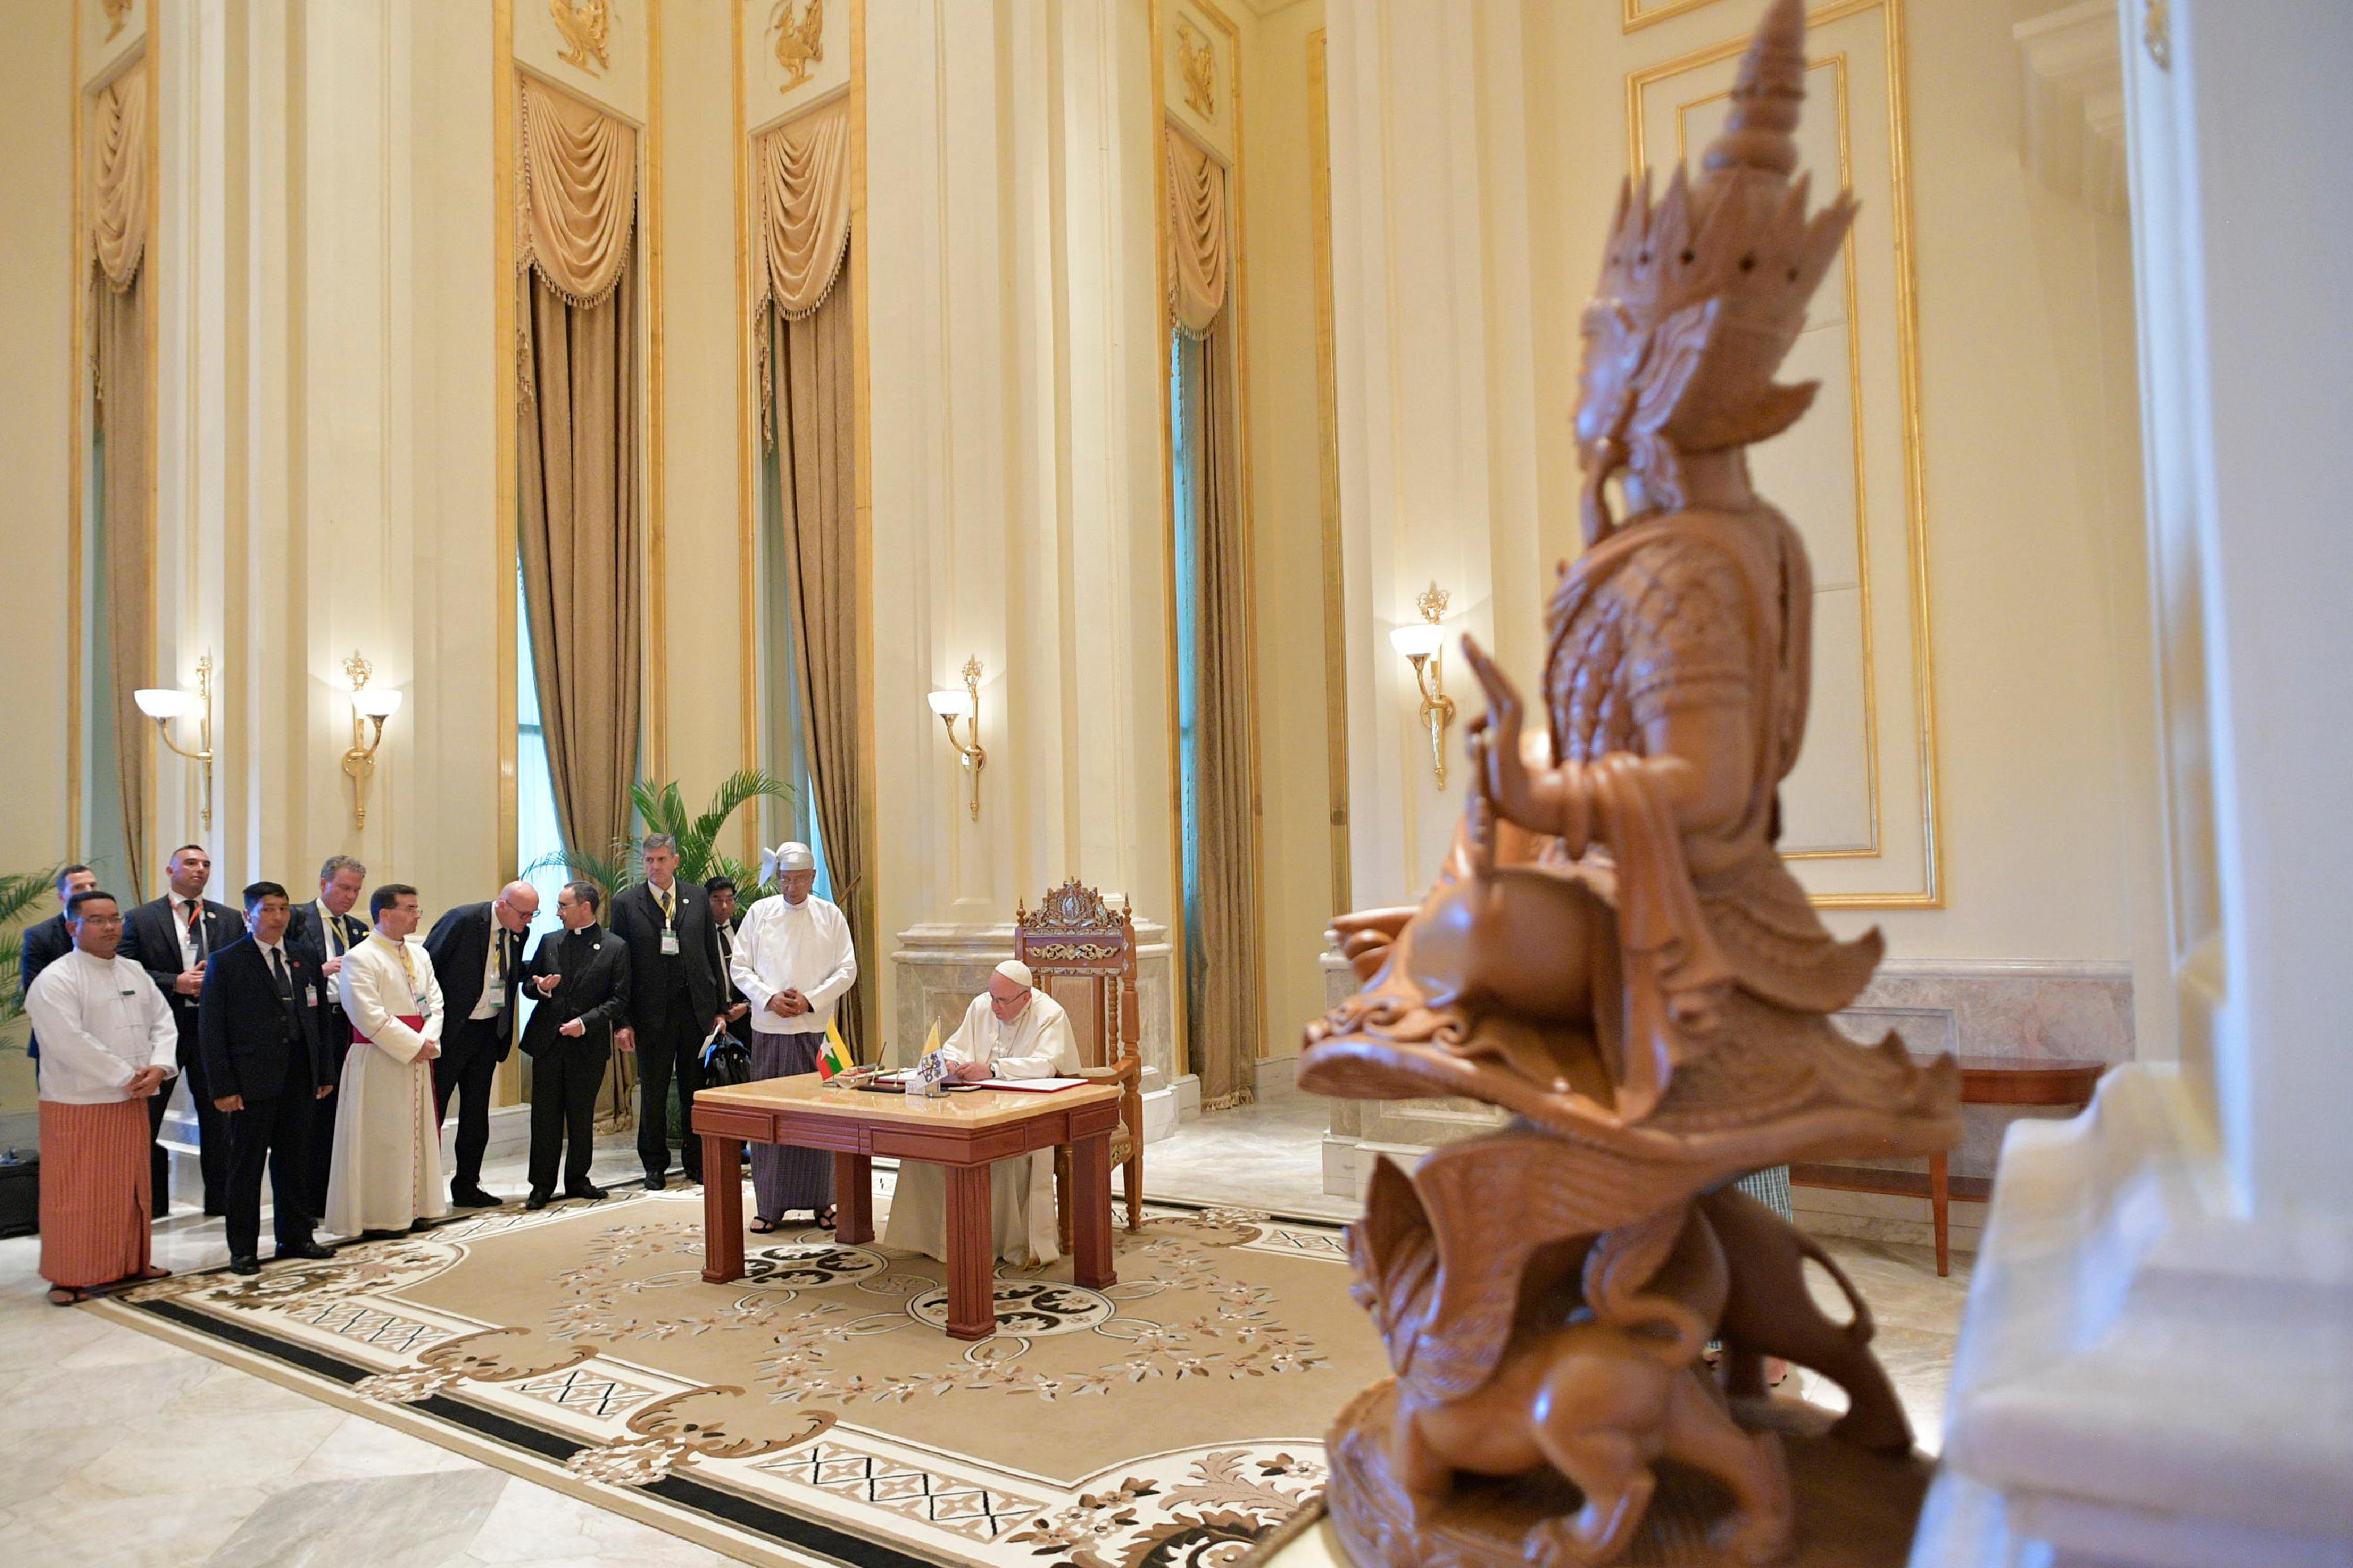 El Papa ha firmado en el libro de honor del palacio presidencial © L'Osservatore Romano